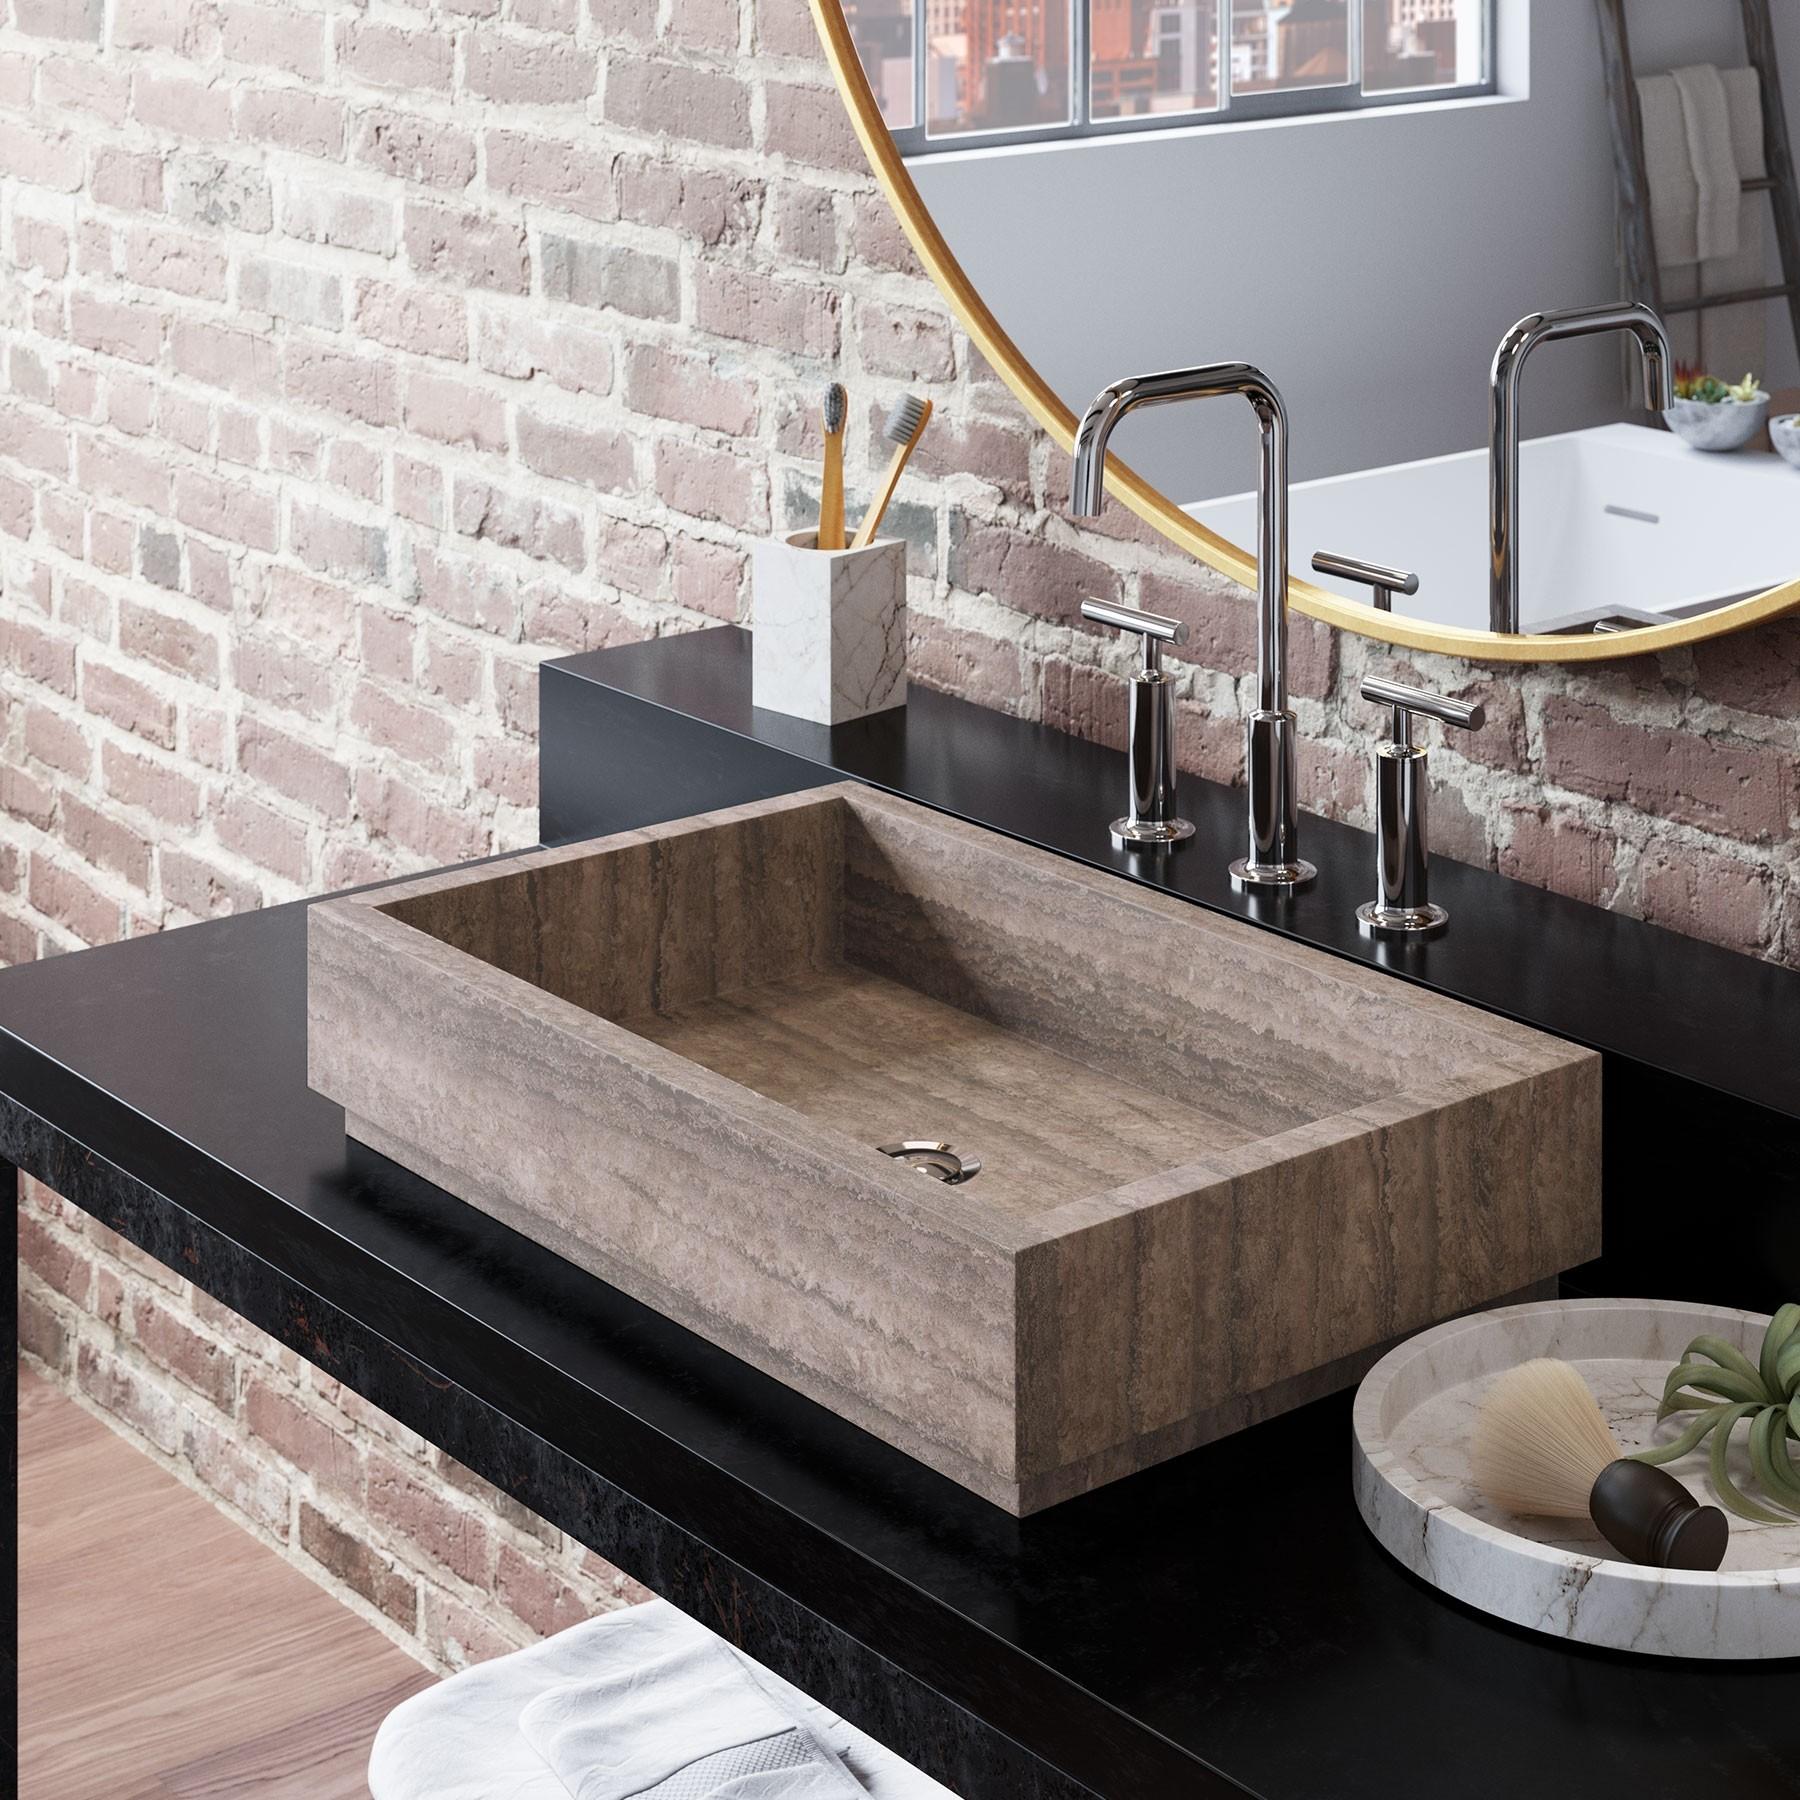 Lehi Marble Bathroom Vessel Sink